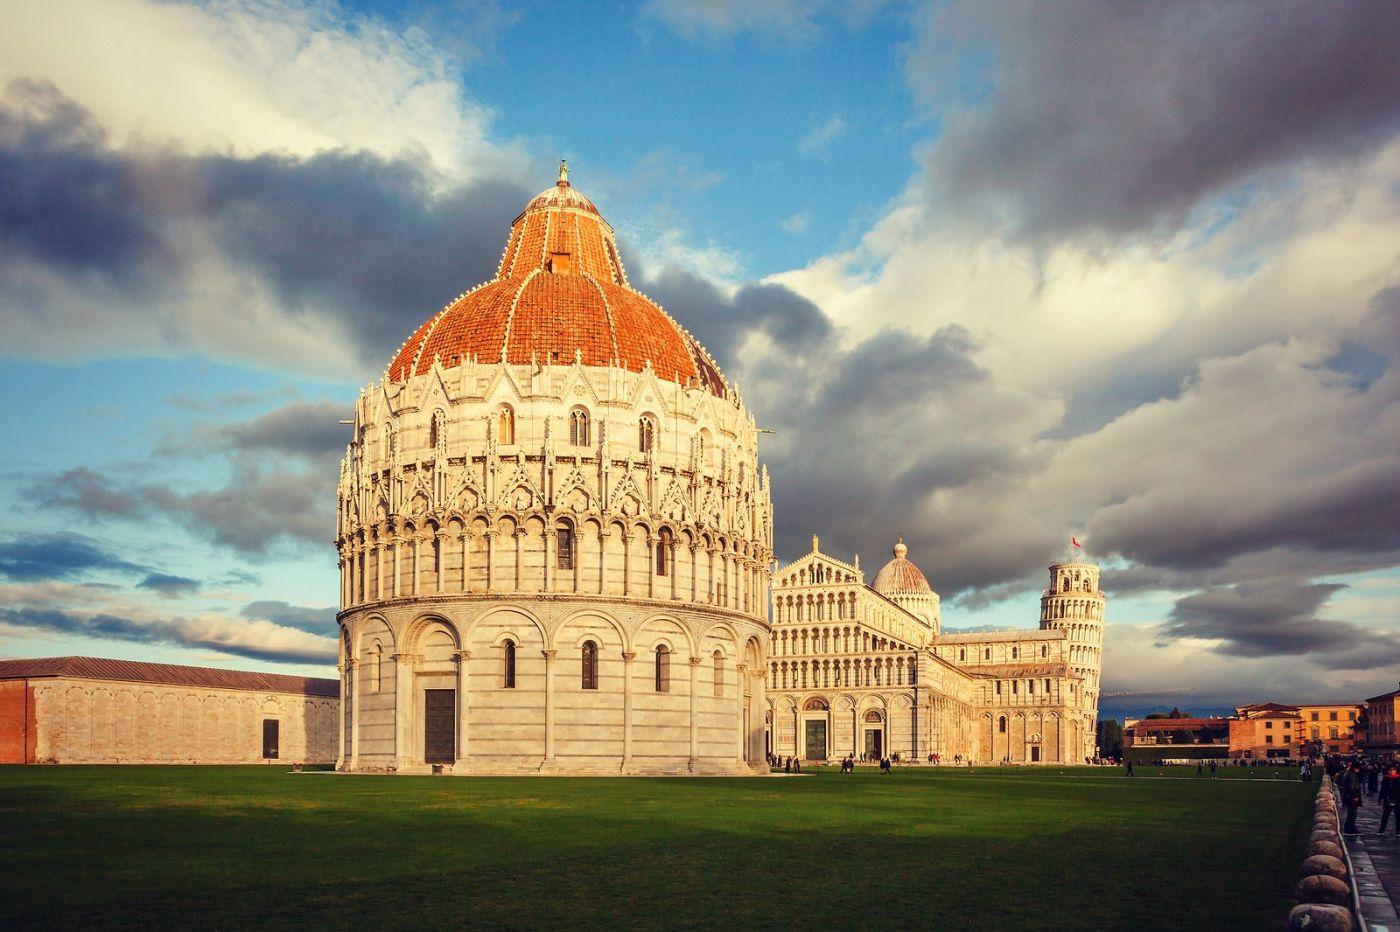 意大利比萨斜塔,塔旁的建筑群_图1-31